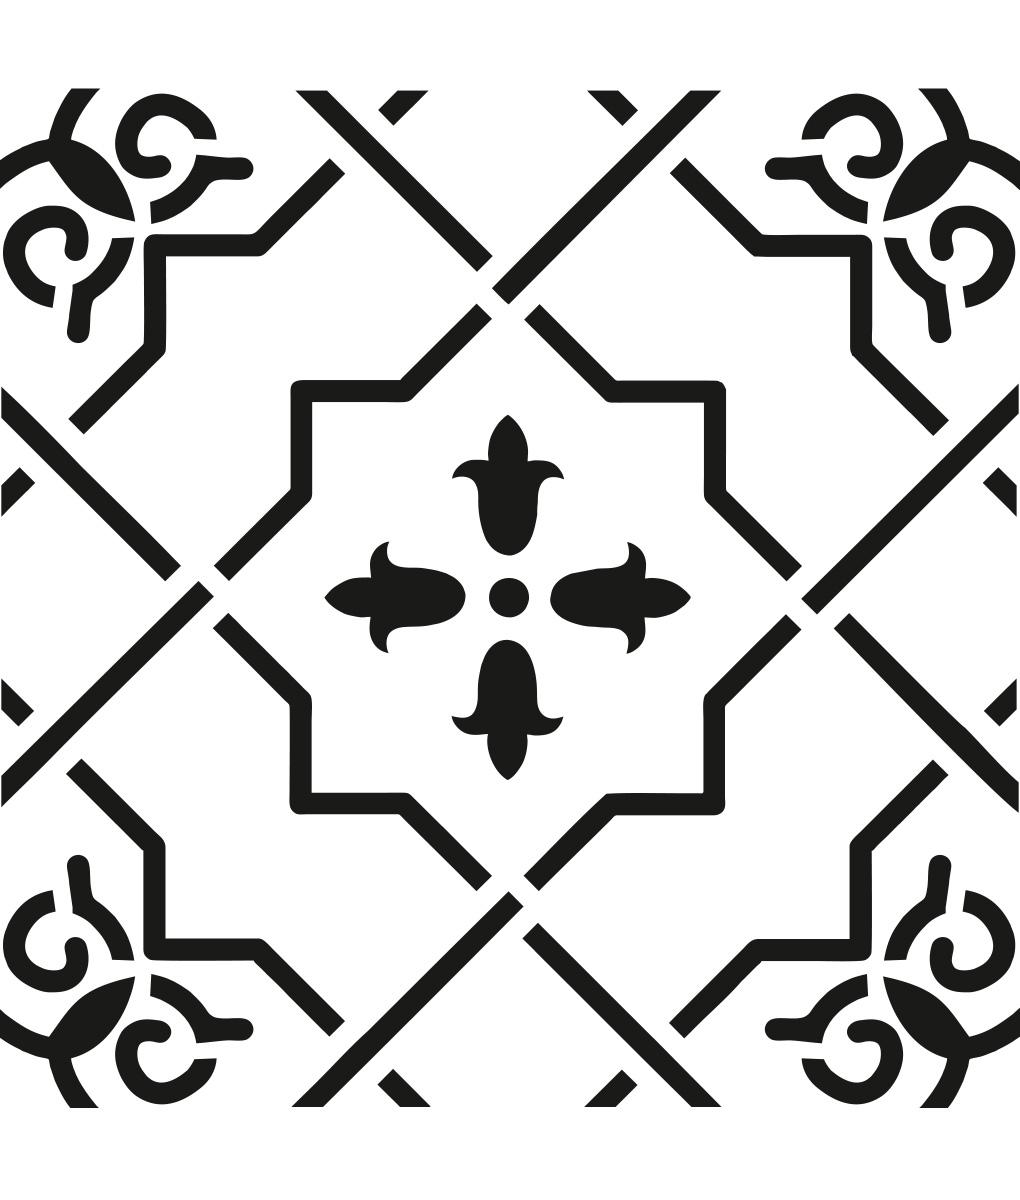 Šablóny - obkladačkové vzory 👍👍👍 - Obrázok č. 58